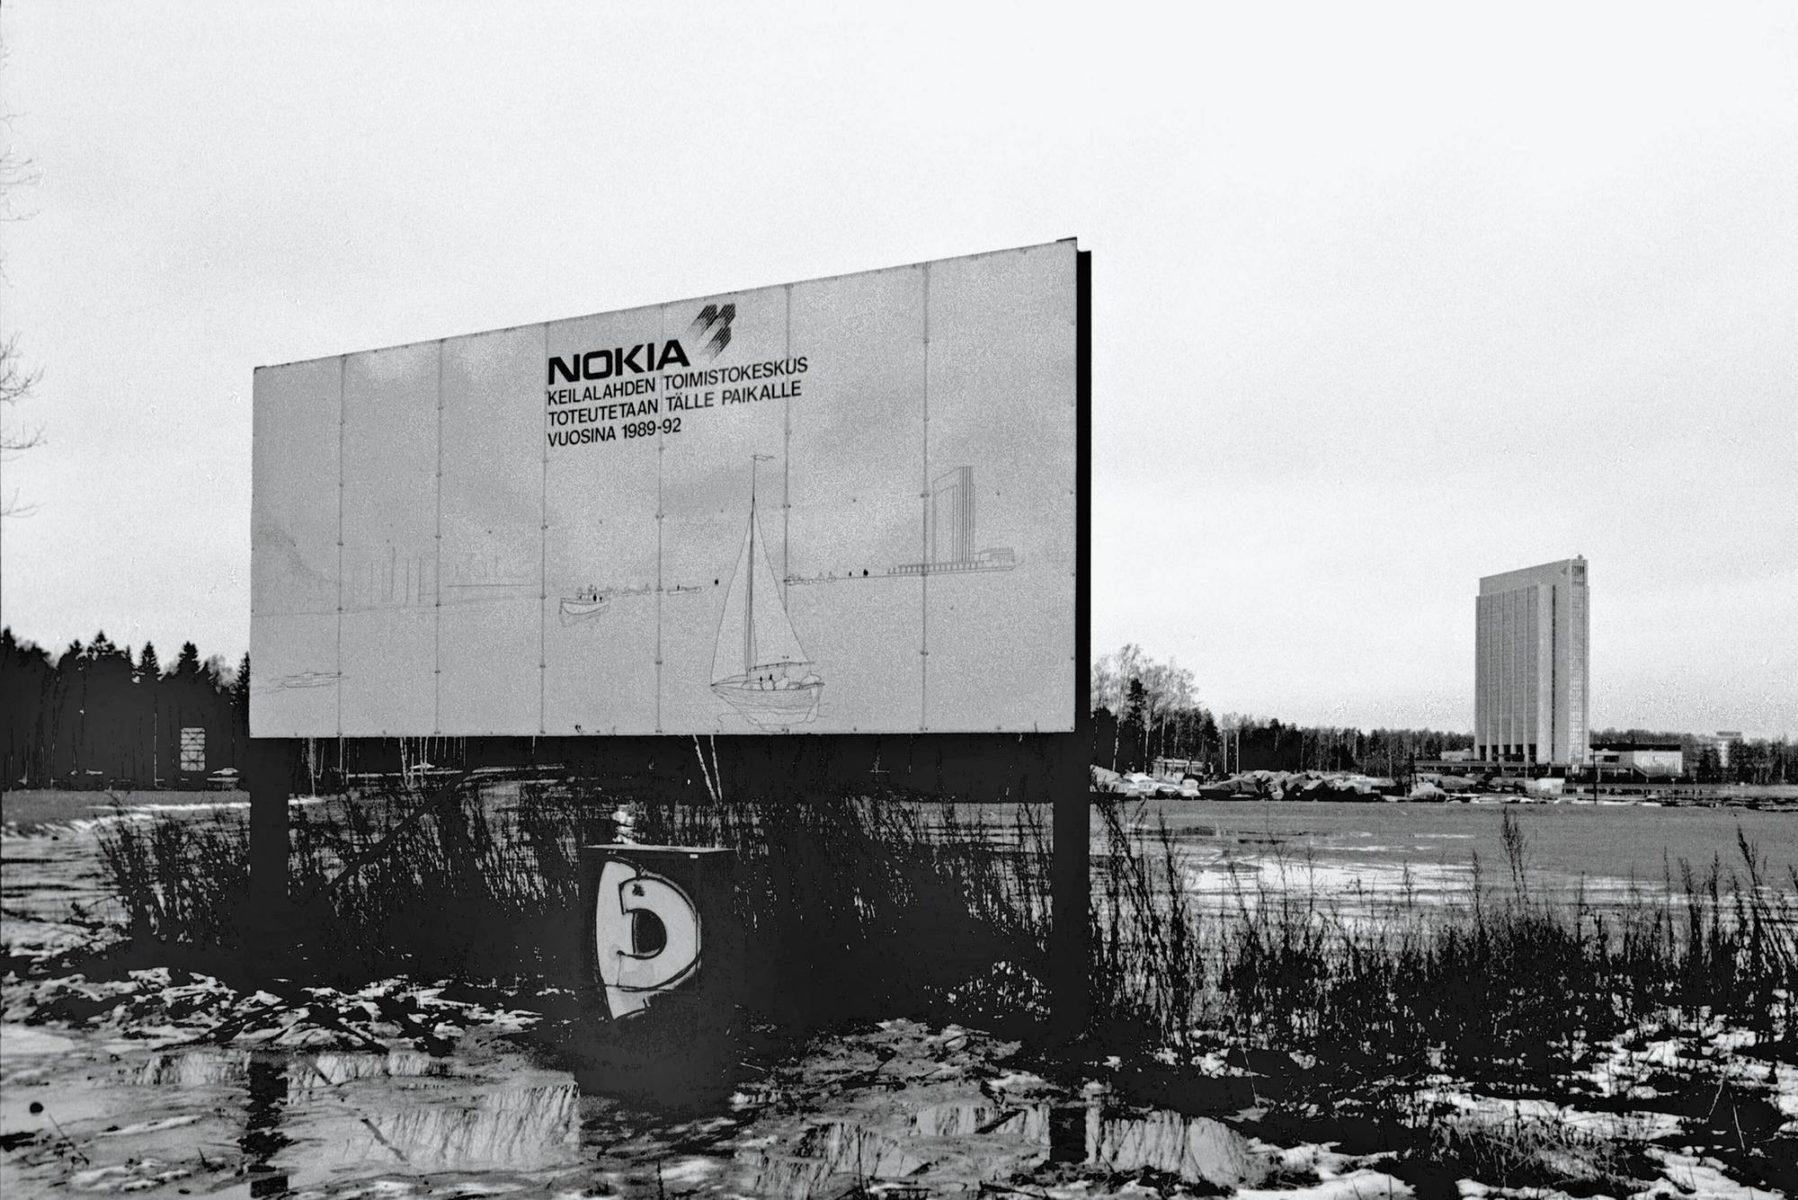 Nokia suunnitteli 1990-luvun alussa toimistoa Espoon Keilaniemeen, mutta laman takia hanke lykkääntyi liki 10 vuotta.